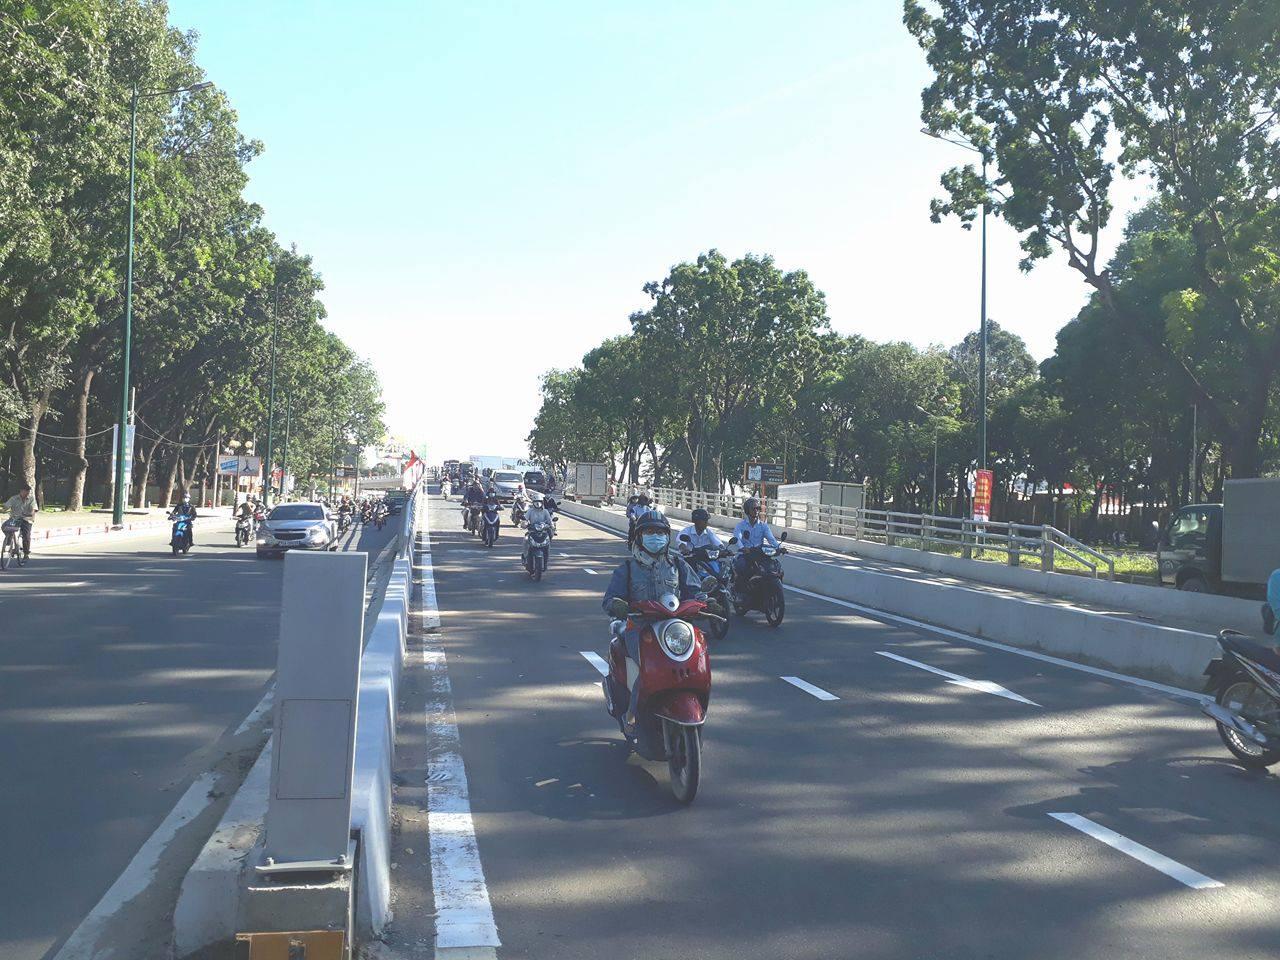 TP Hồ Chí Minh: Thông xe nhánh cầu Nguyễn Kiệm - Hoàng Minh Giám